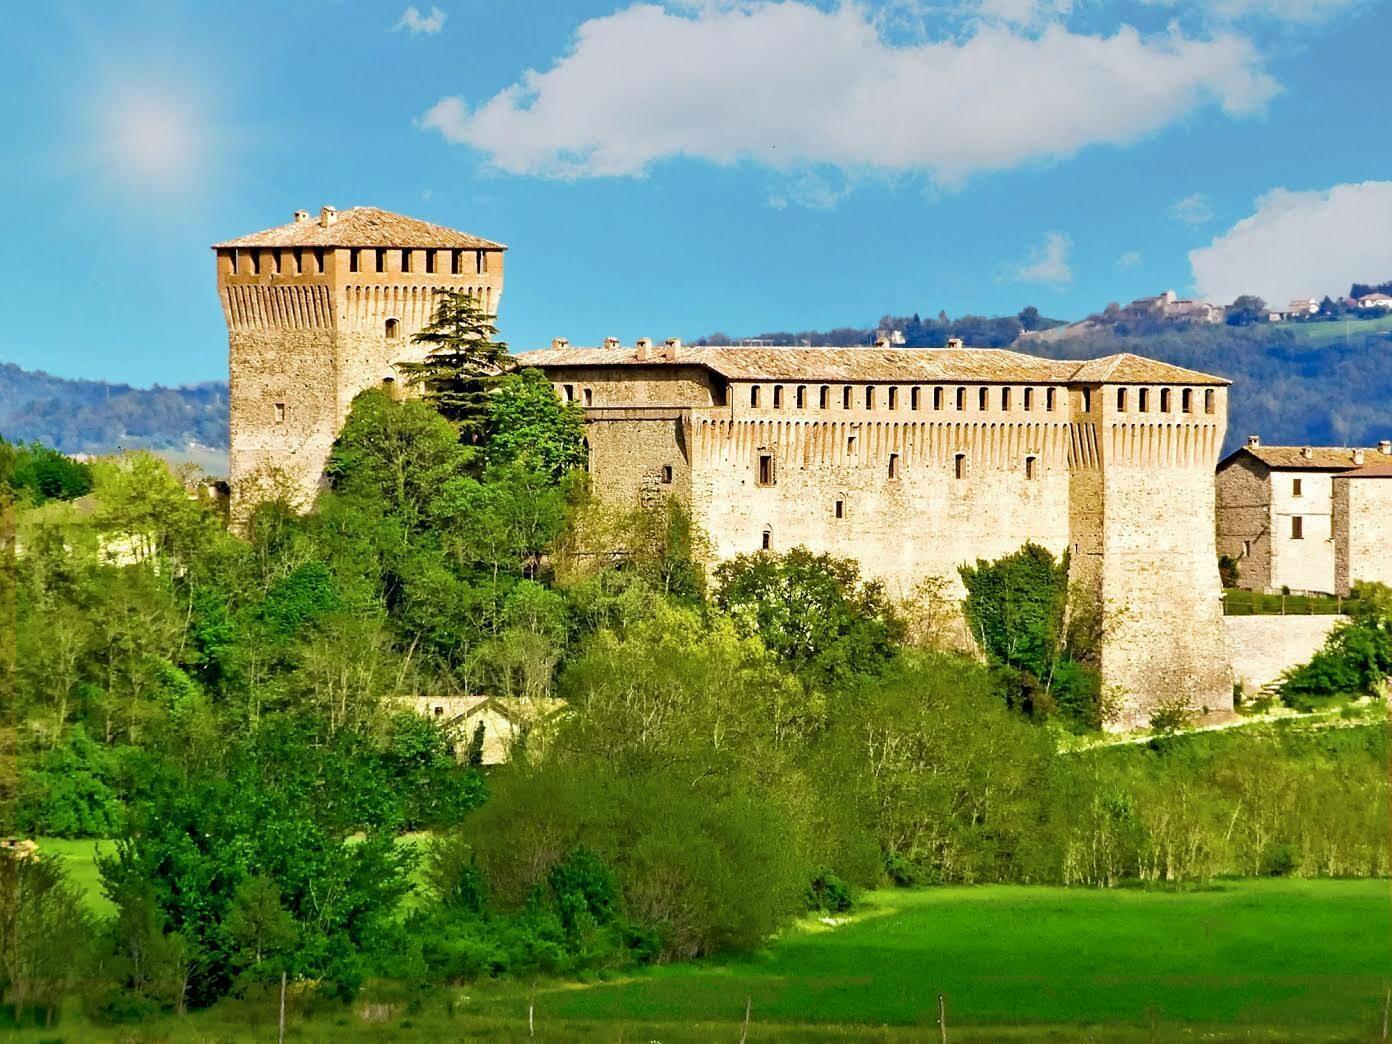 Ferragosto in Castello a Varano